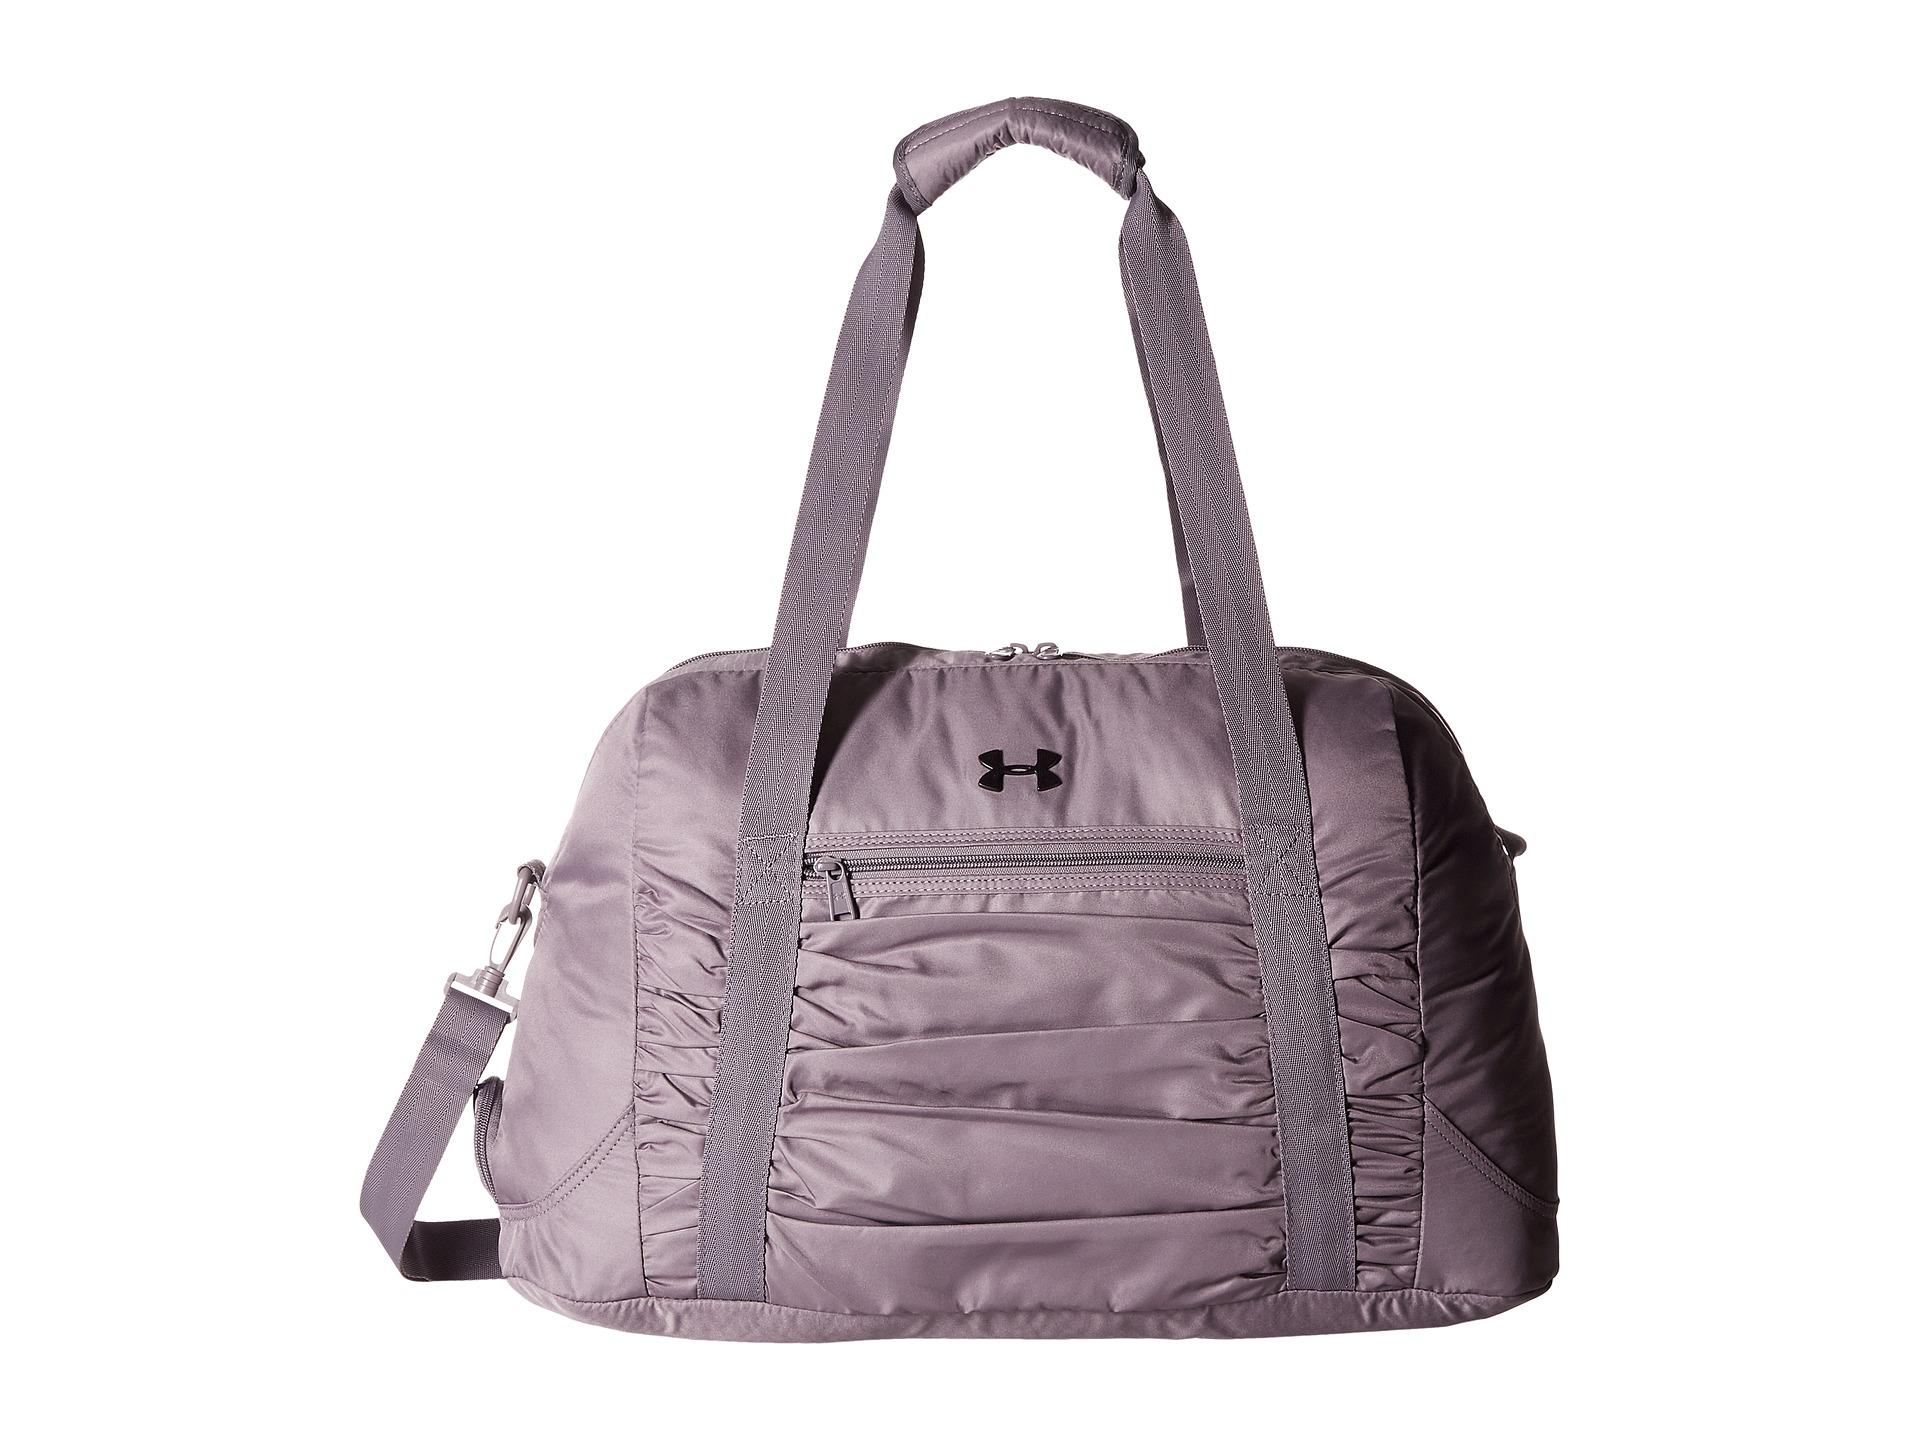 armour ua the works bag zappos free